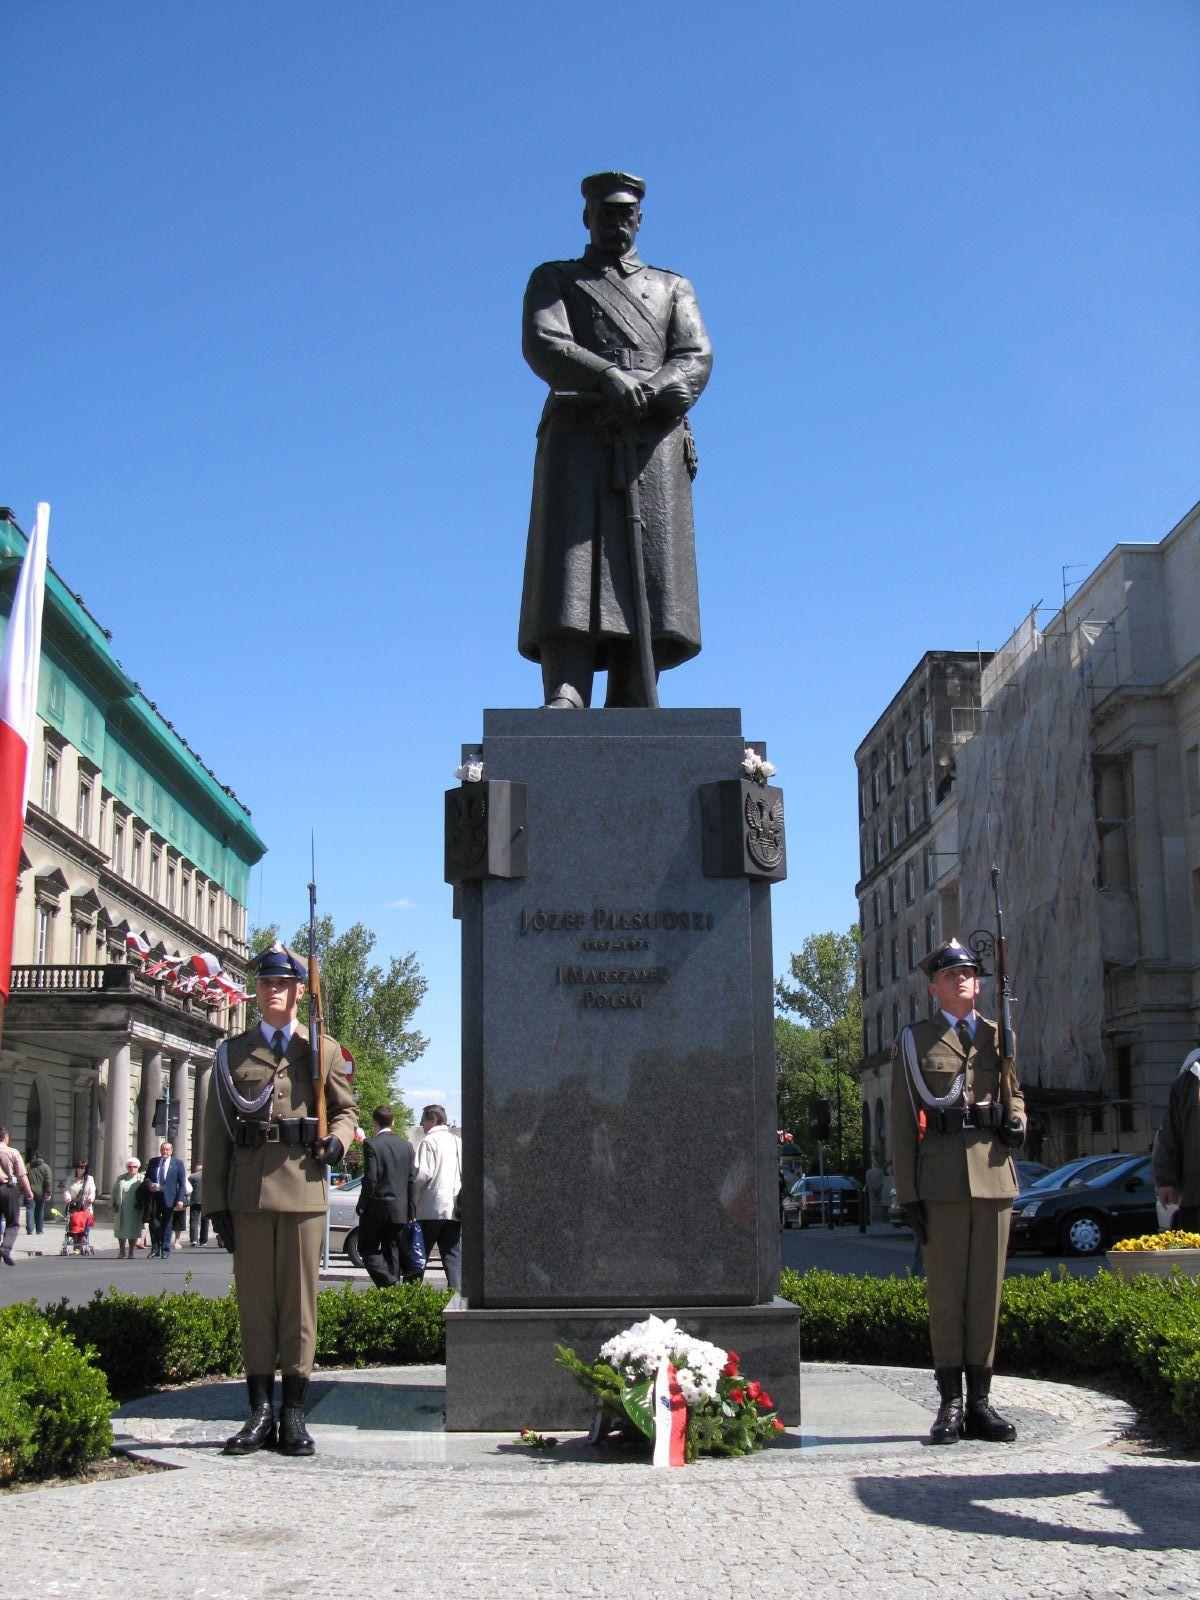 2. Realistinis, atpažįstamas J. Pilsudskio paminklas Varšuvoje priešais jo vardu pavadintą aikštę, viename aikštės centrinės ašies ašigalyje (pastatytas 1995 m.) | Wikipedia.org nuotr.